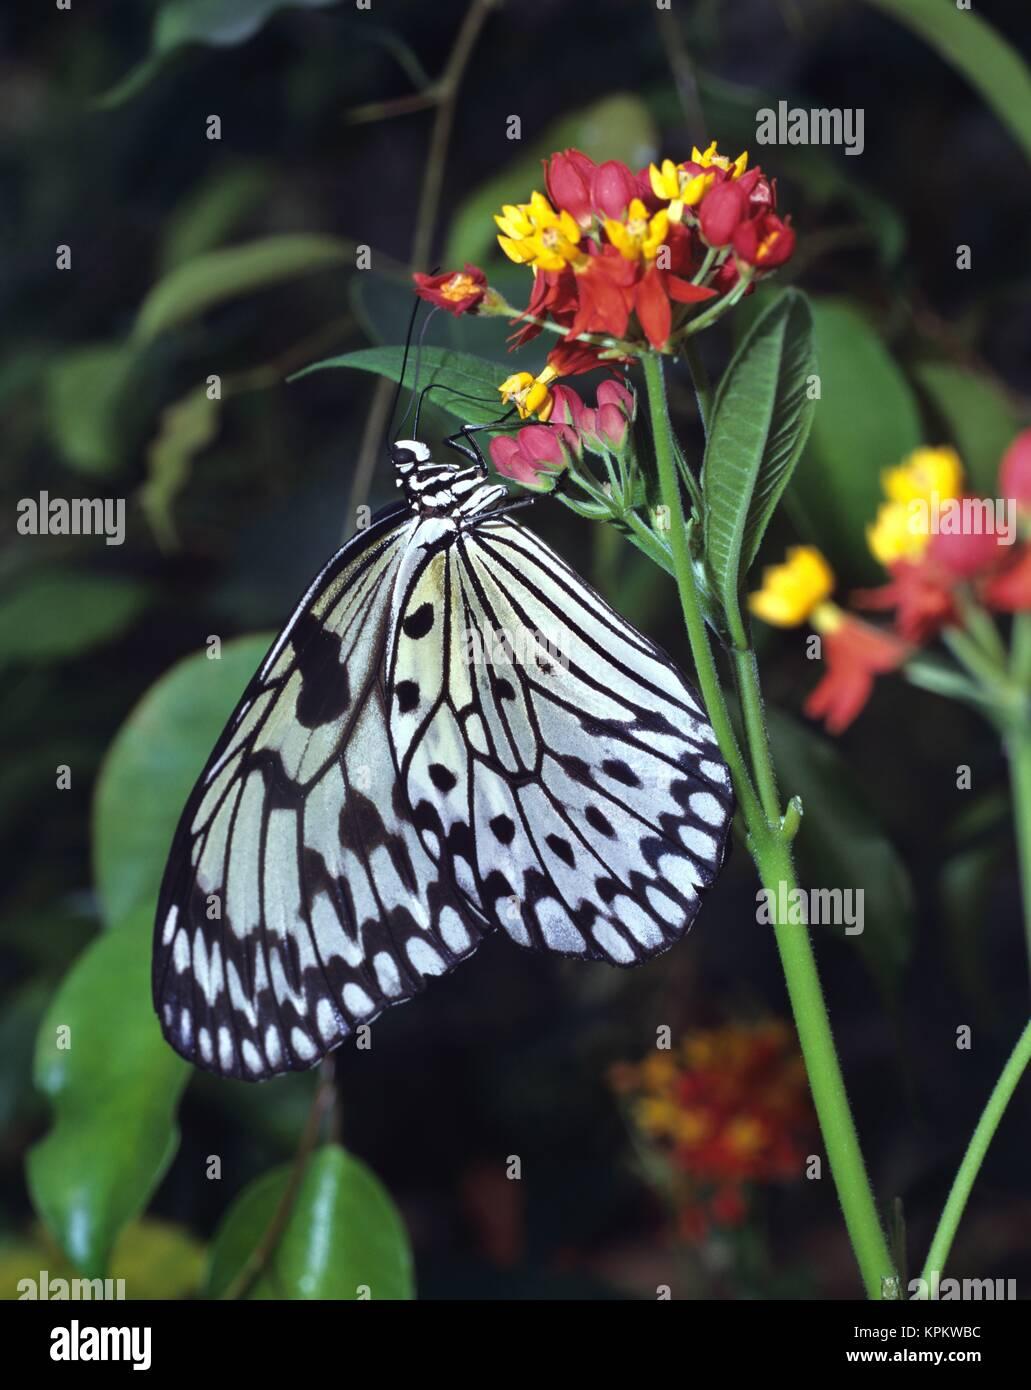 Eine weisse Baumnymphe,  Schmetterling, sitzt an  Blüten, Nektar saugend, mit  geöffneten Flügeln. Ein tropischer Tagfalter. Stock Photo